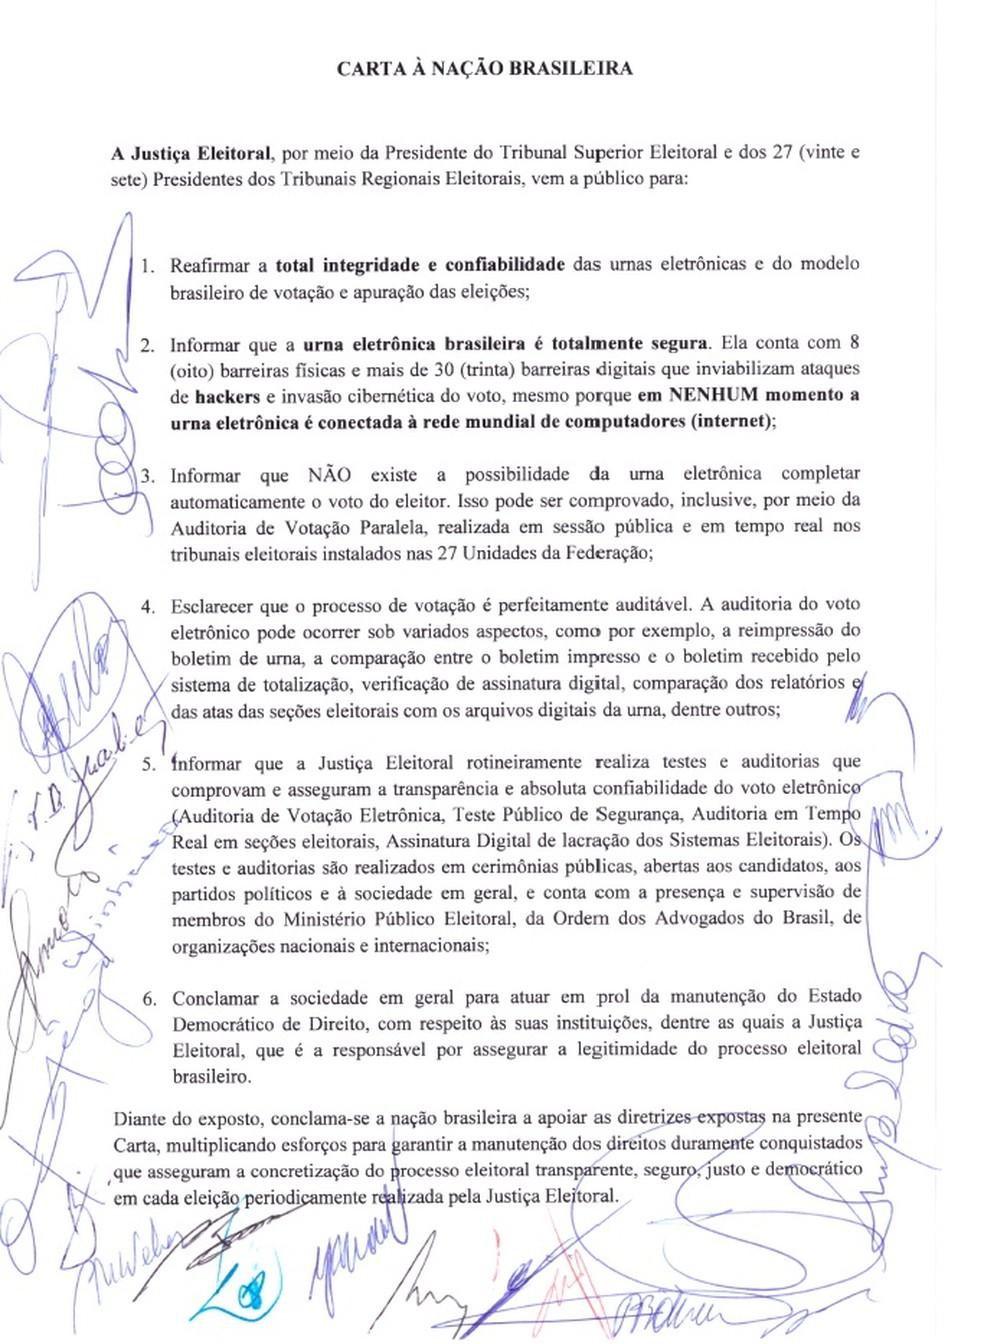 Carta divulgada pela presidente do Tribunal Superior Eleitoral, Rosa Weber, e pelos presidentes dos TREs — Foto: Reprodução